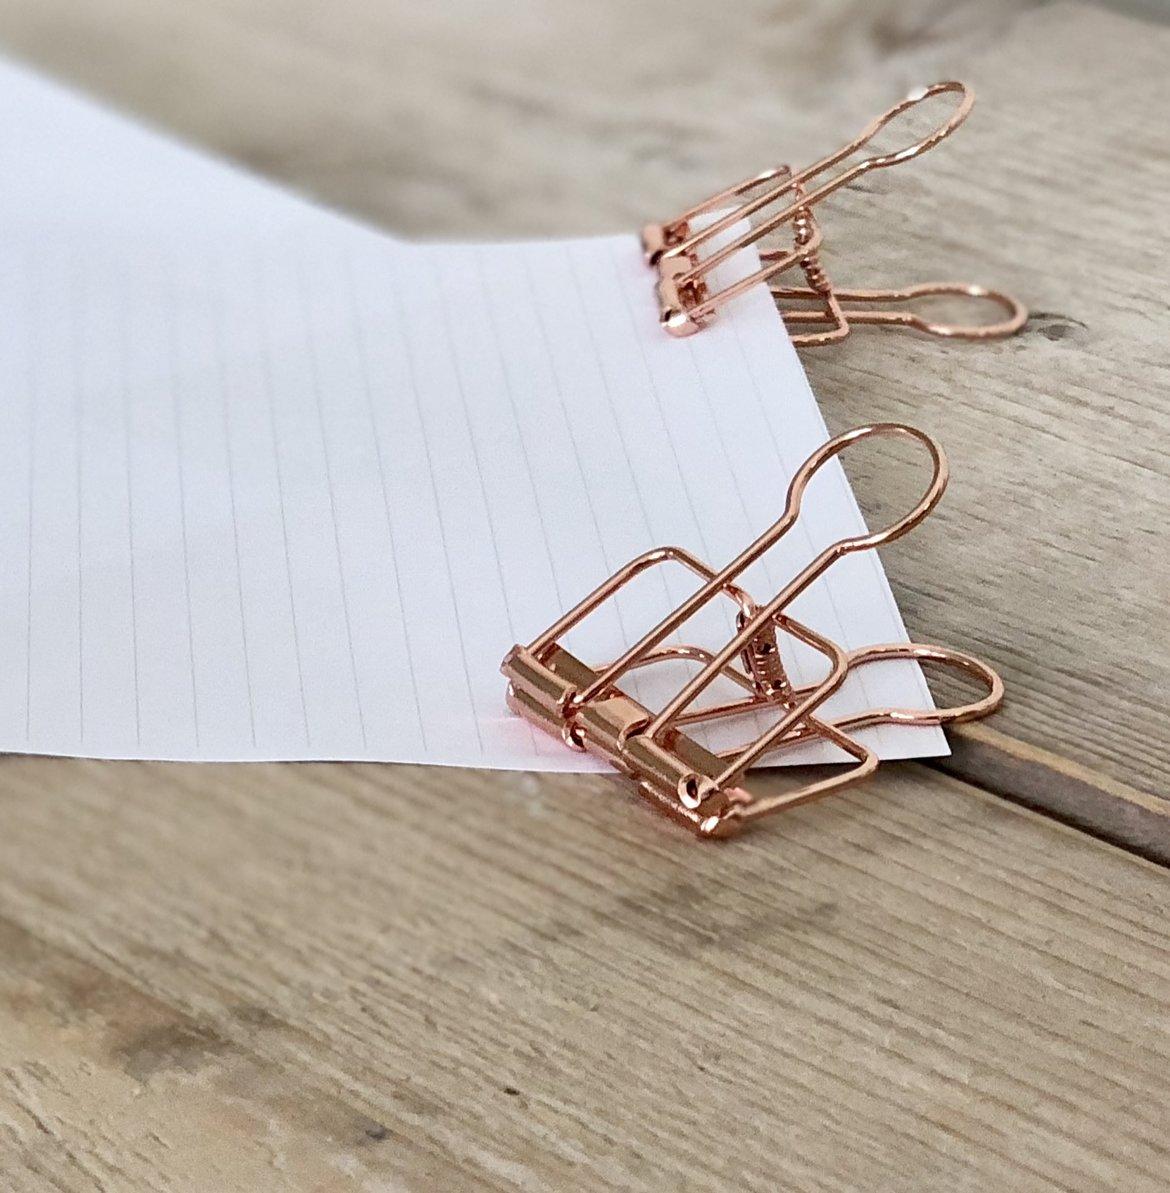 Gooi al die briefjes weg! – Een overzichtelijke weekplanning in 5 stappen